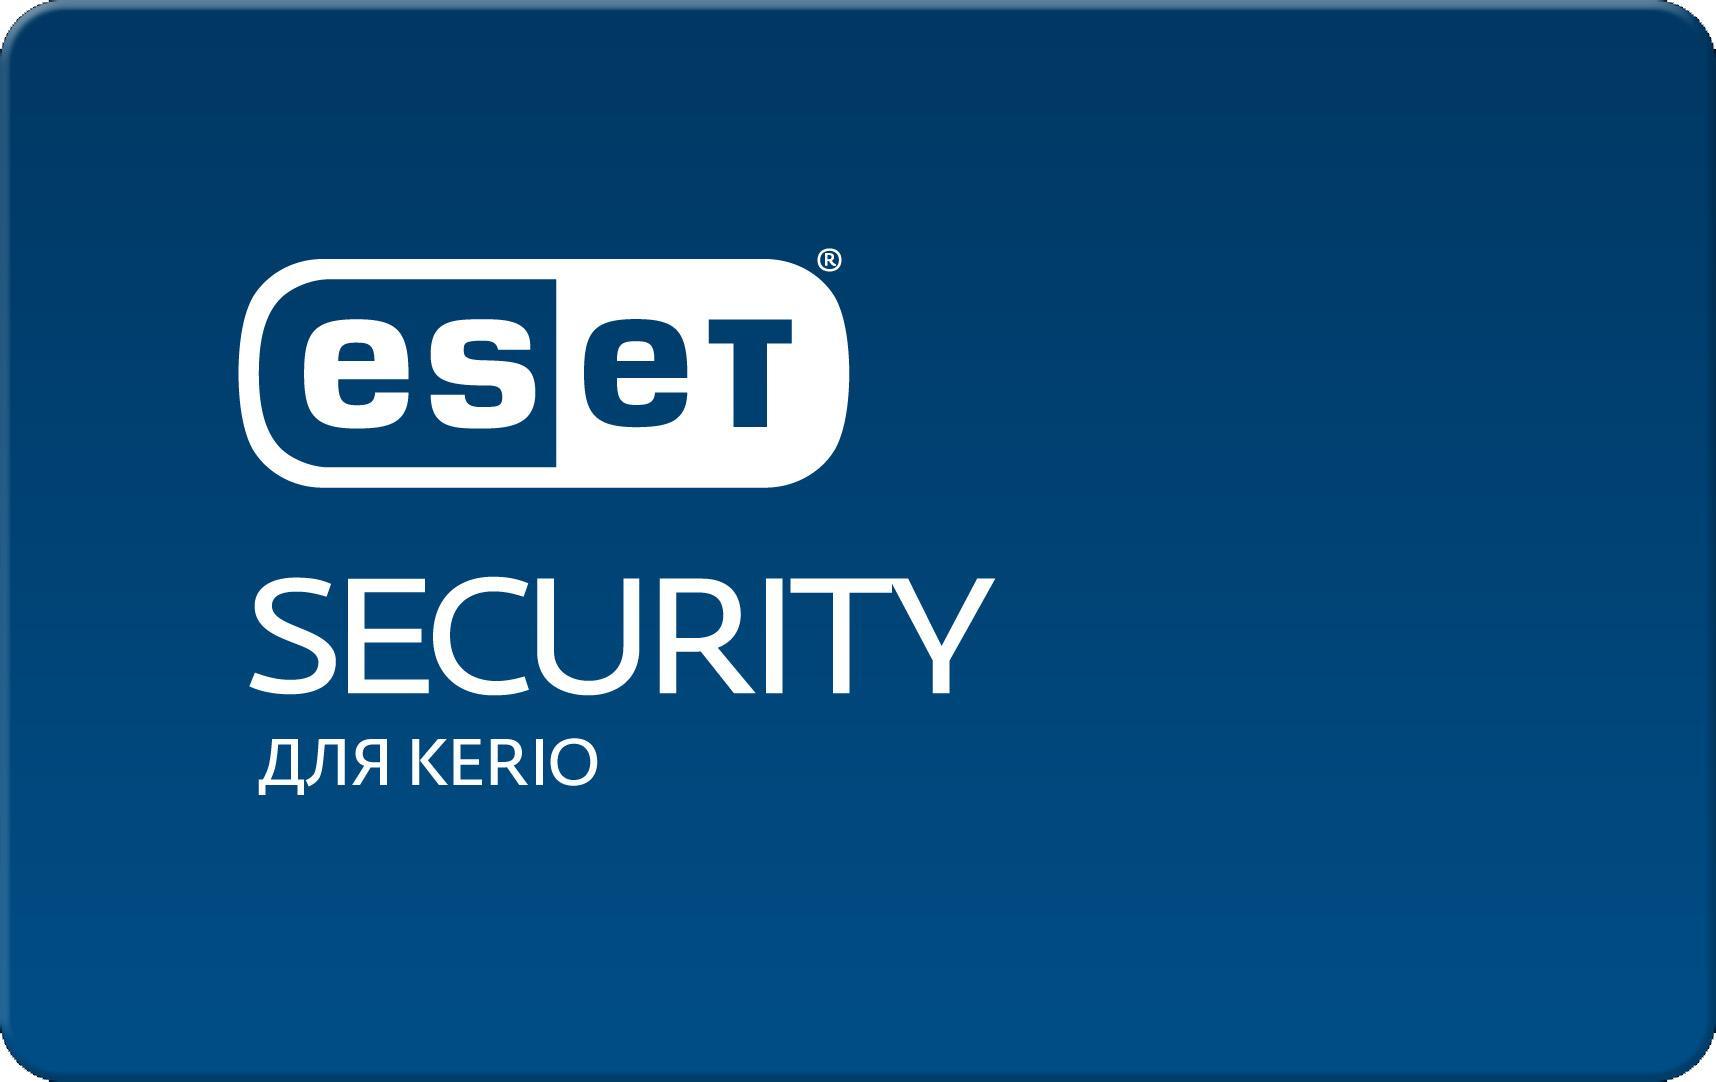 Защита почтовых серверов и интернет-шлюзов Eset Security для Kerio  для 13 пользователей